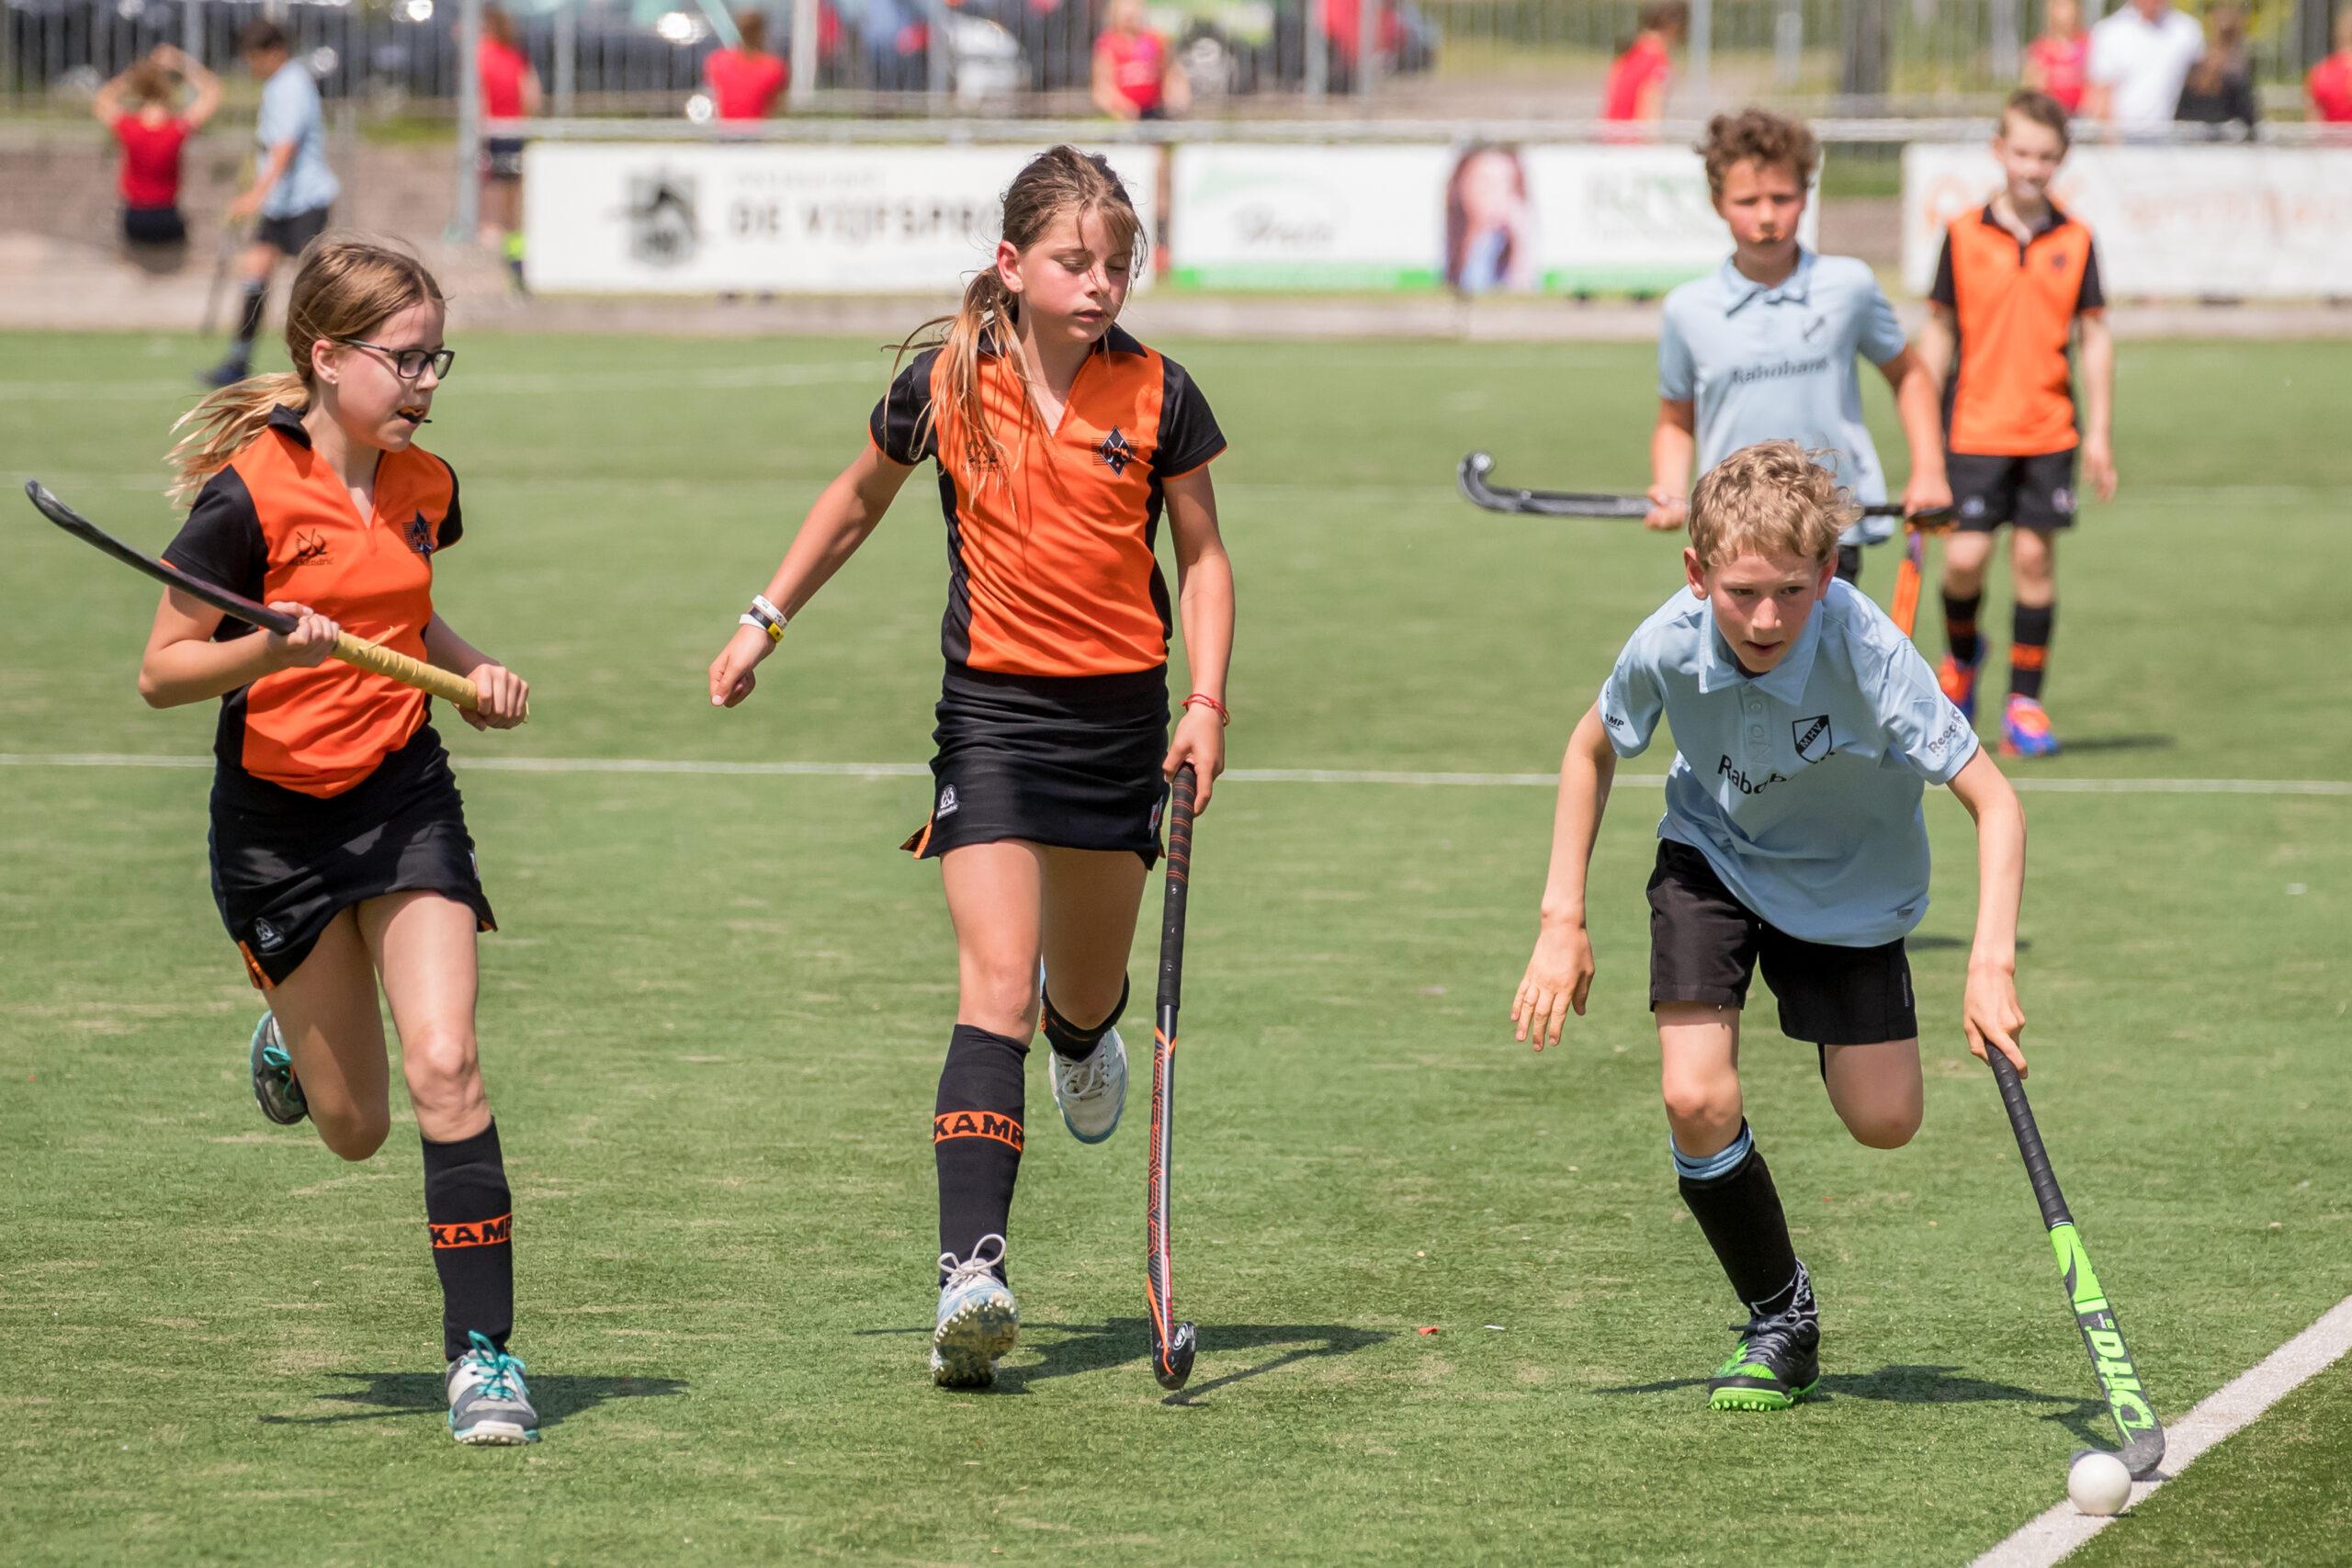 Kinderen spelen wedstrijd hockey